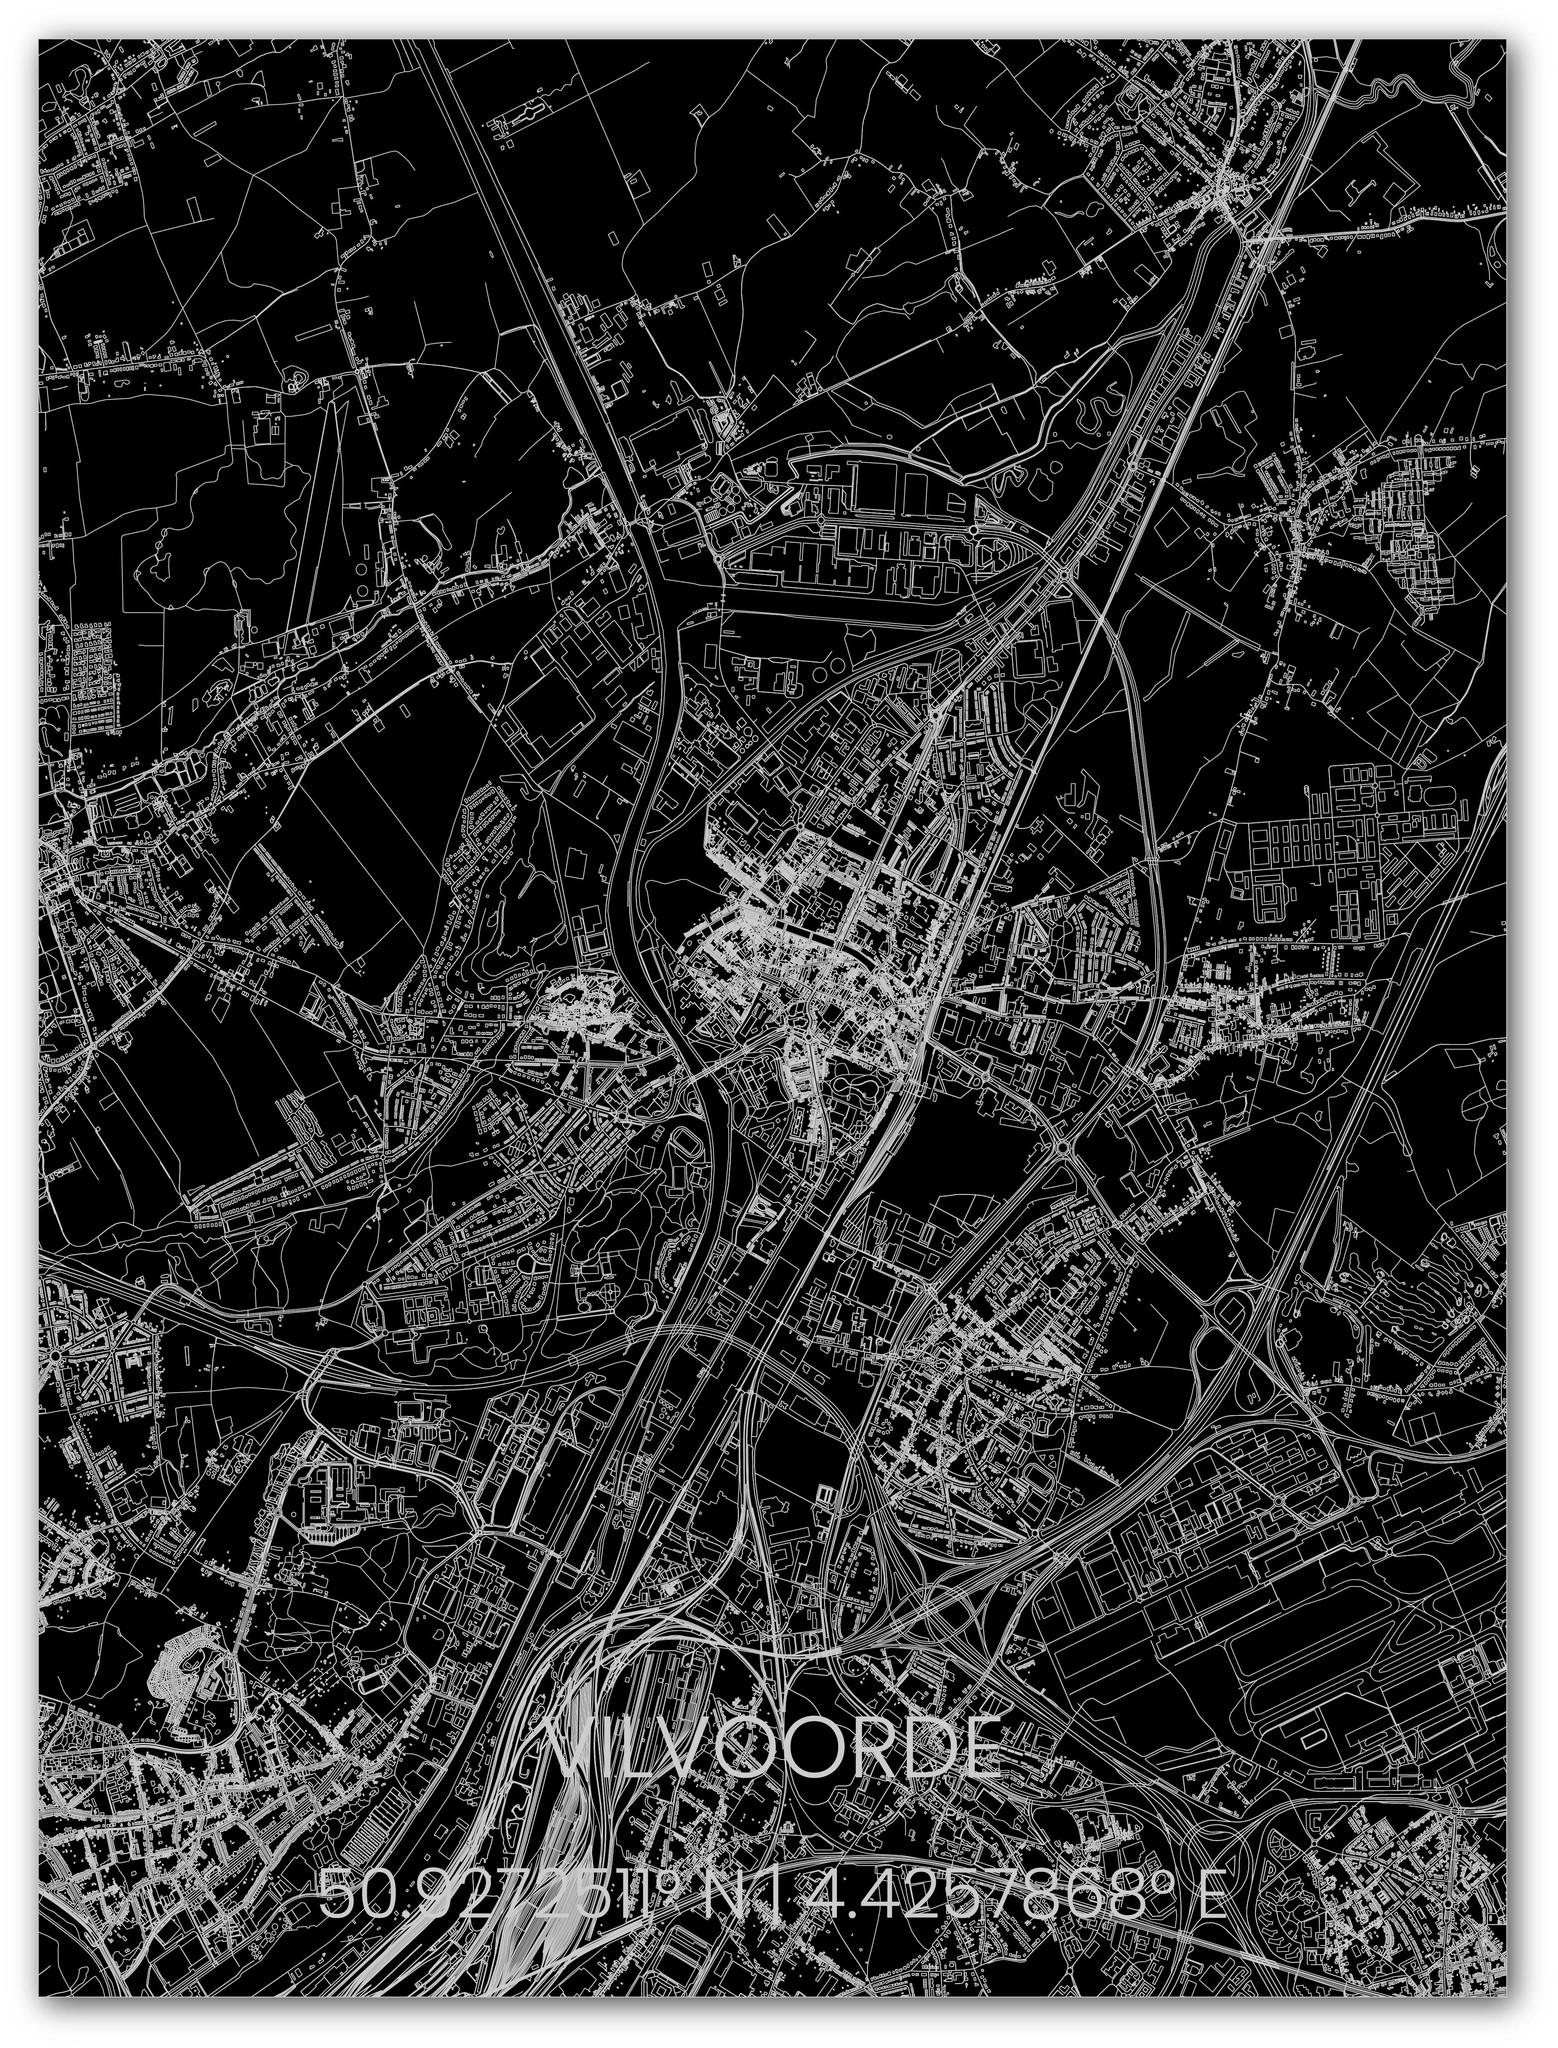 Metalen stadsplattegrond Vilvoorde-1